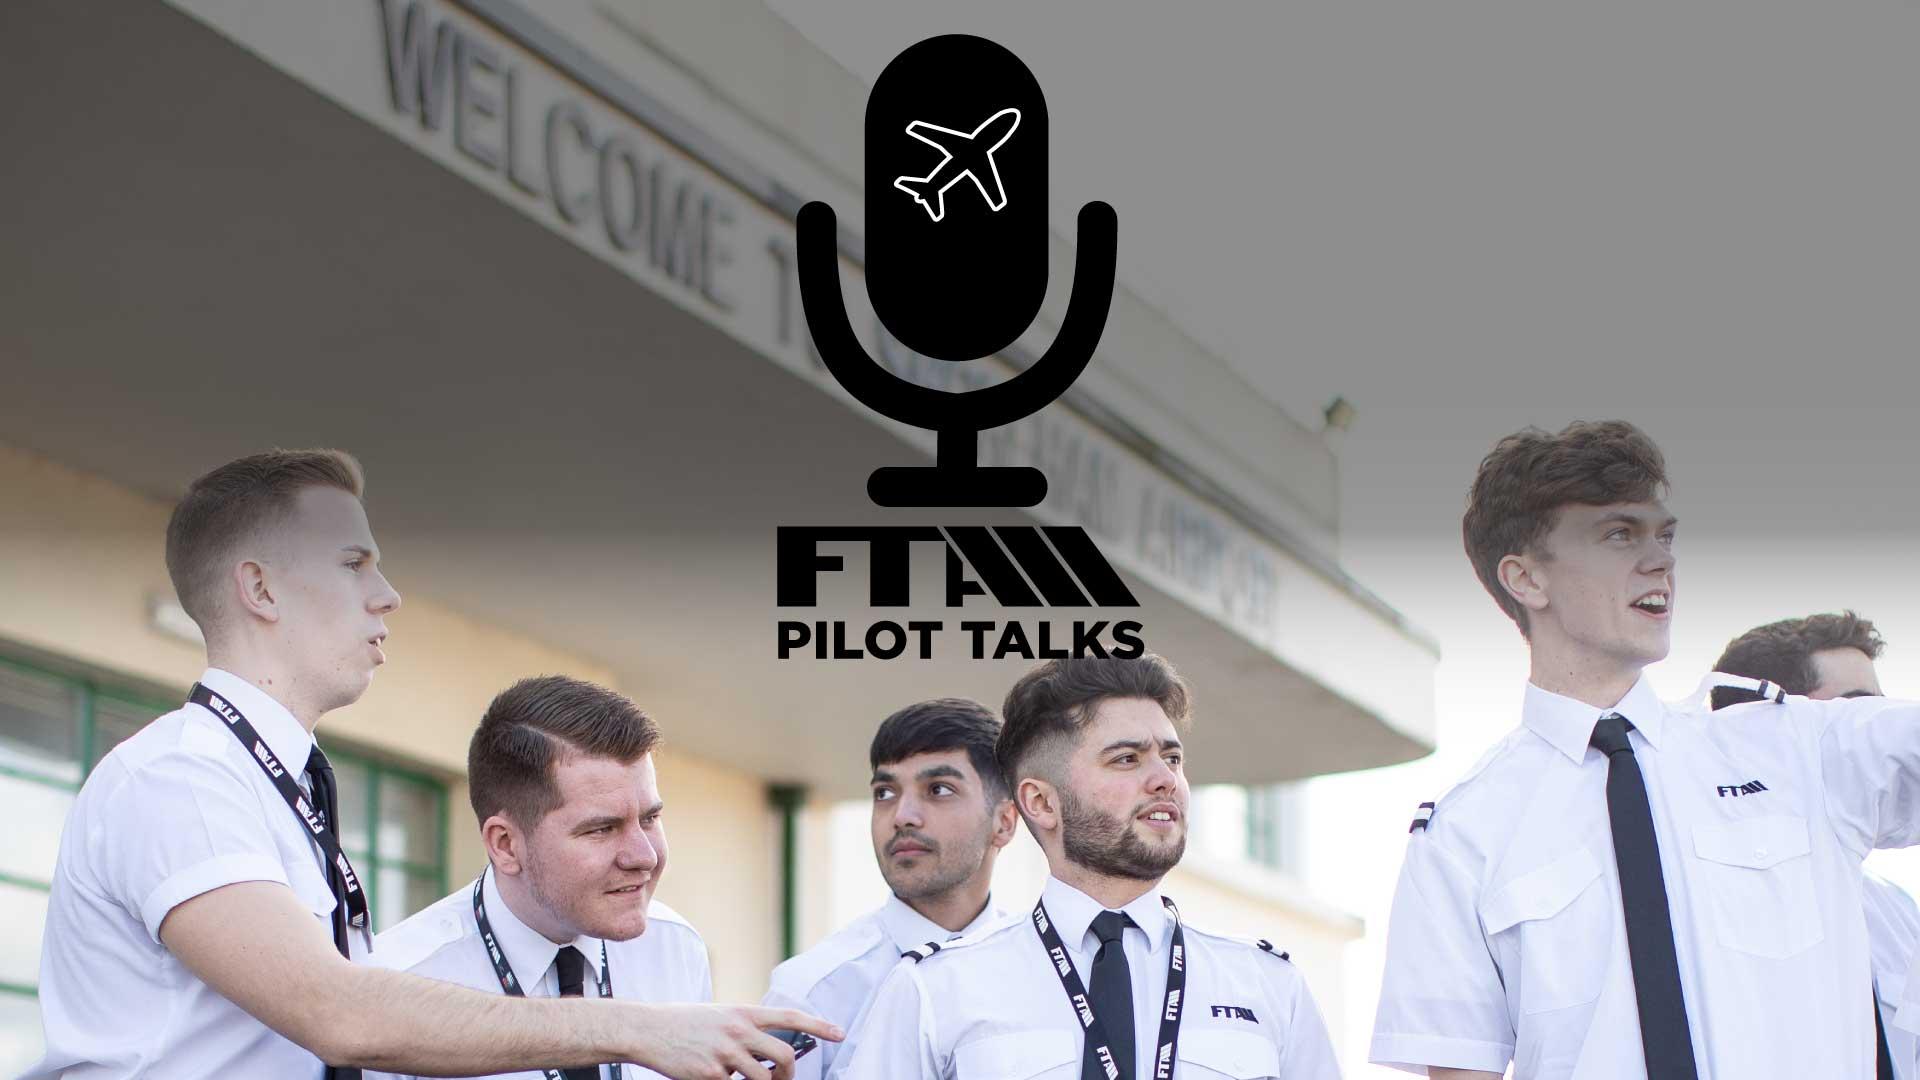 Pilot-talks-page-header